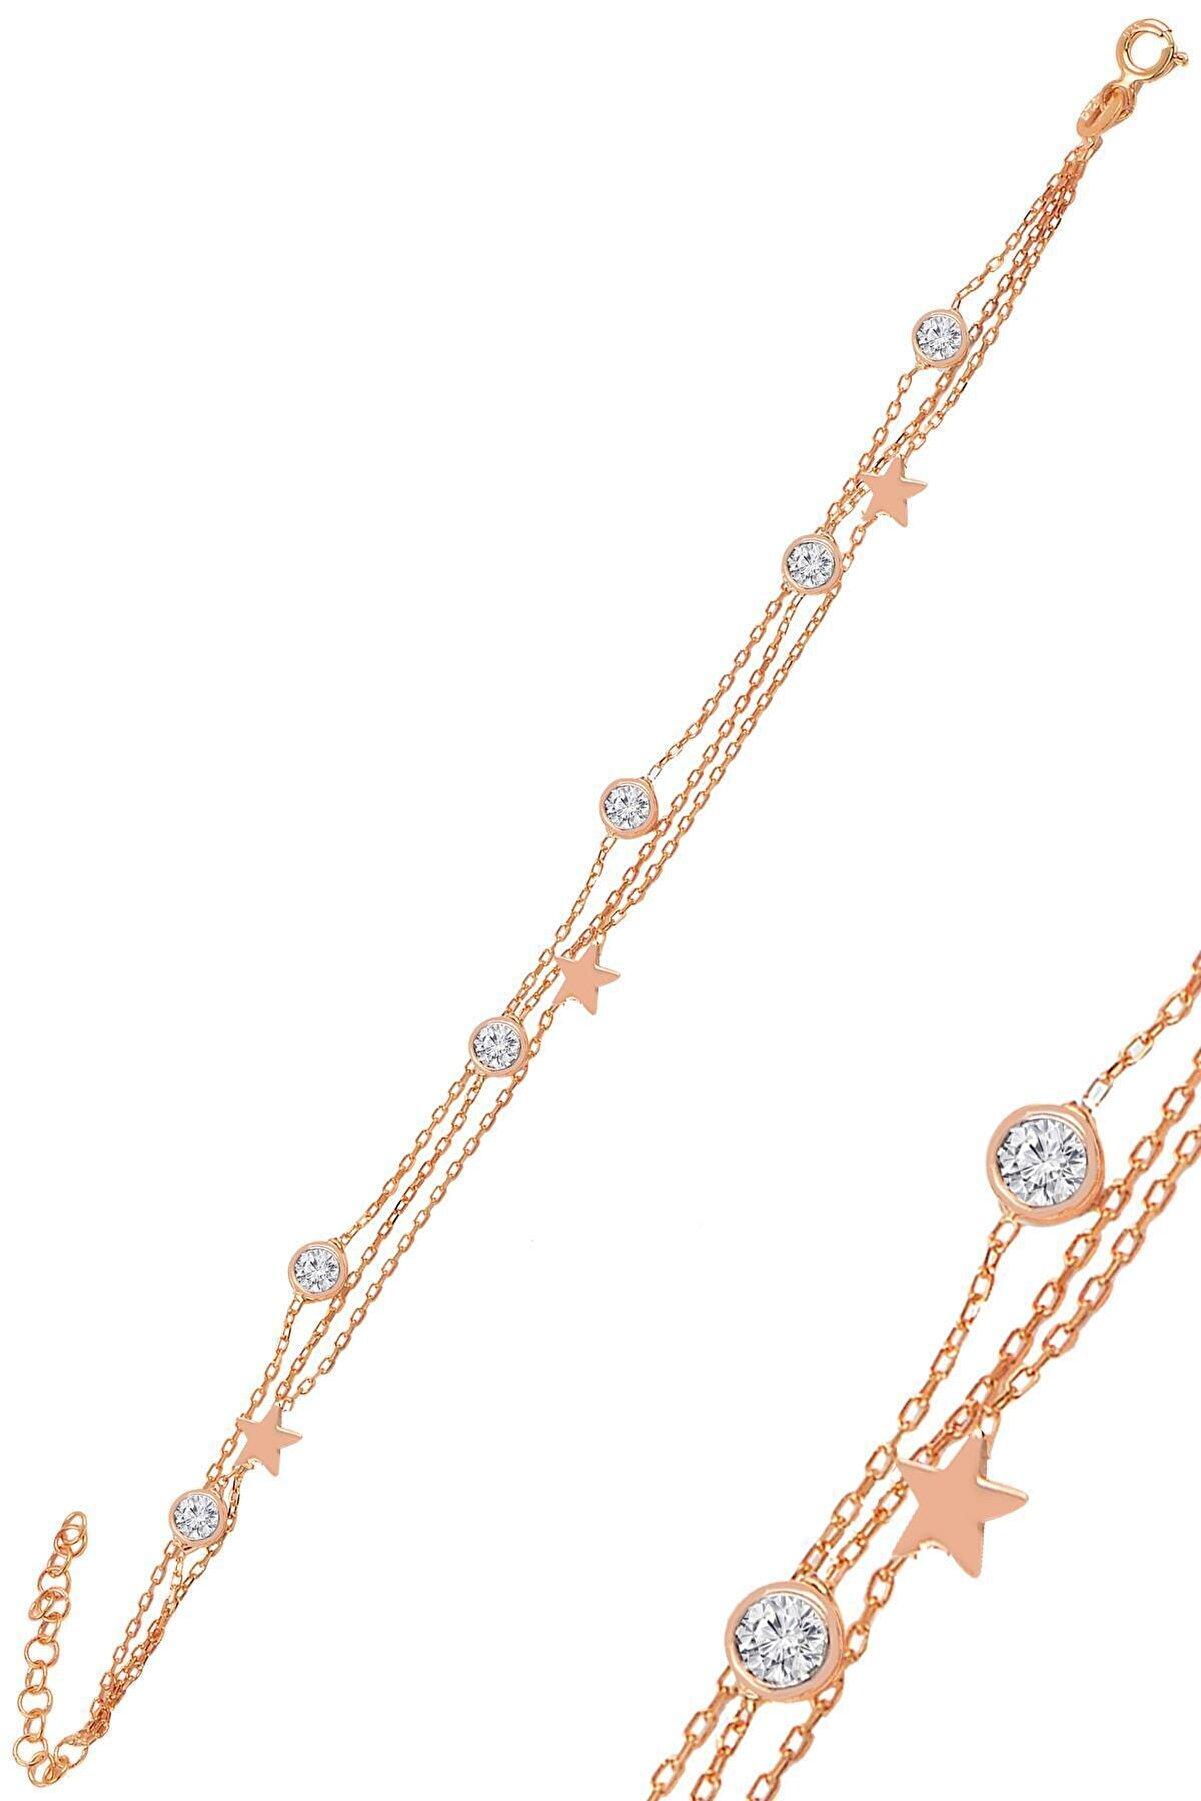 Söğütlü Silver Gümüş Rose Zirkon Taşlı Yıldız Figürlü Bileklik